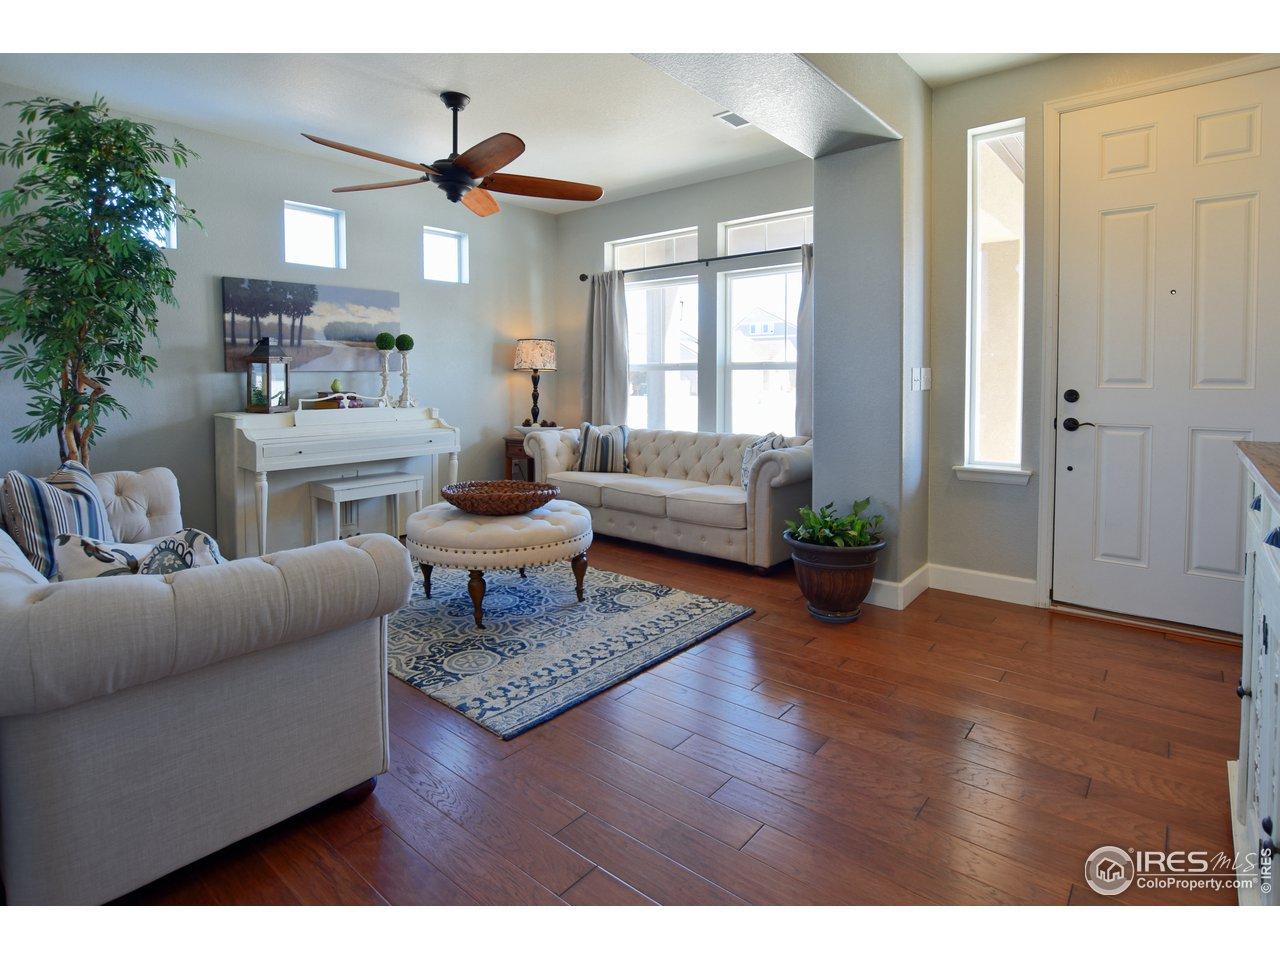 Beautiful hardwood floors